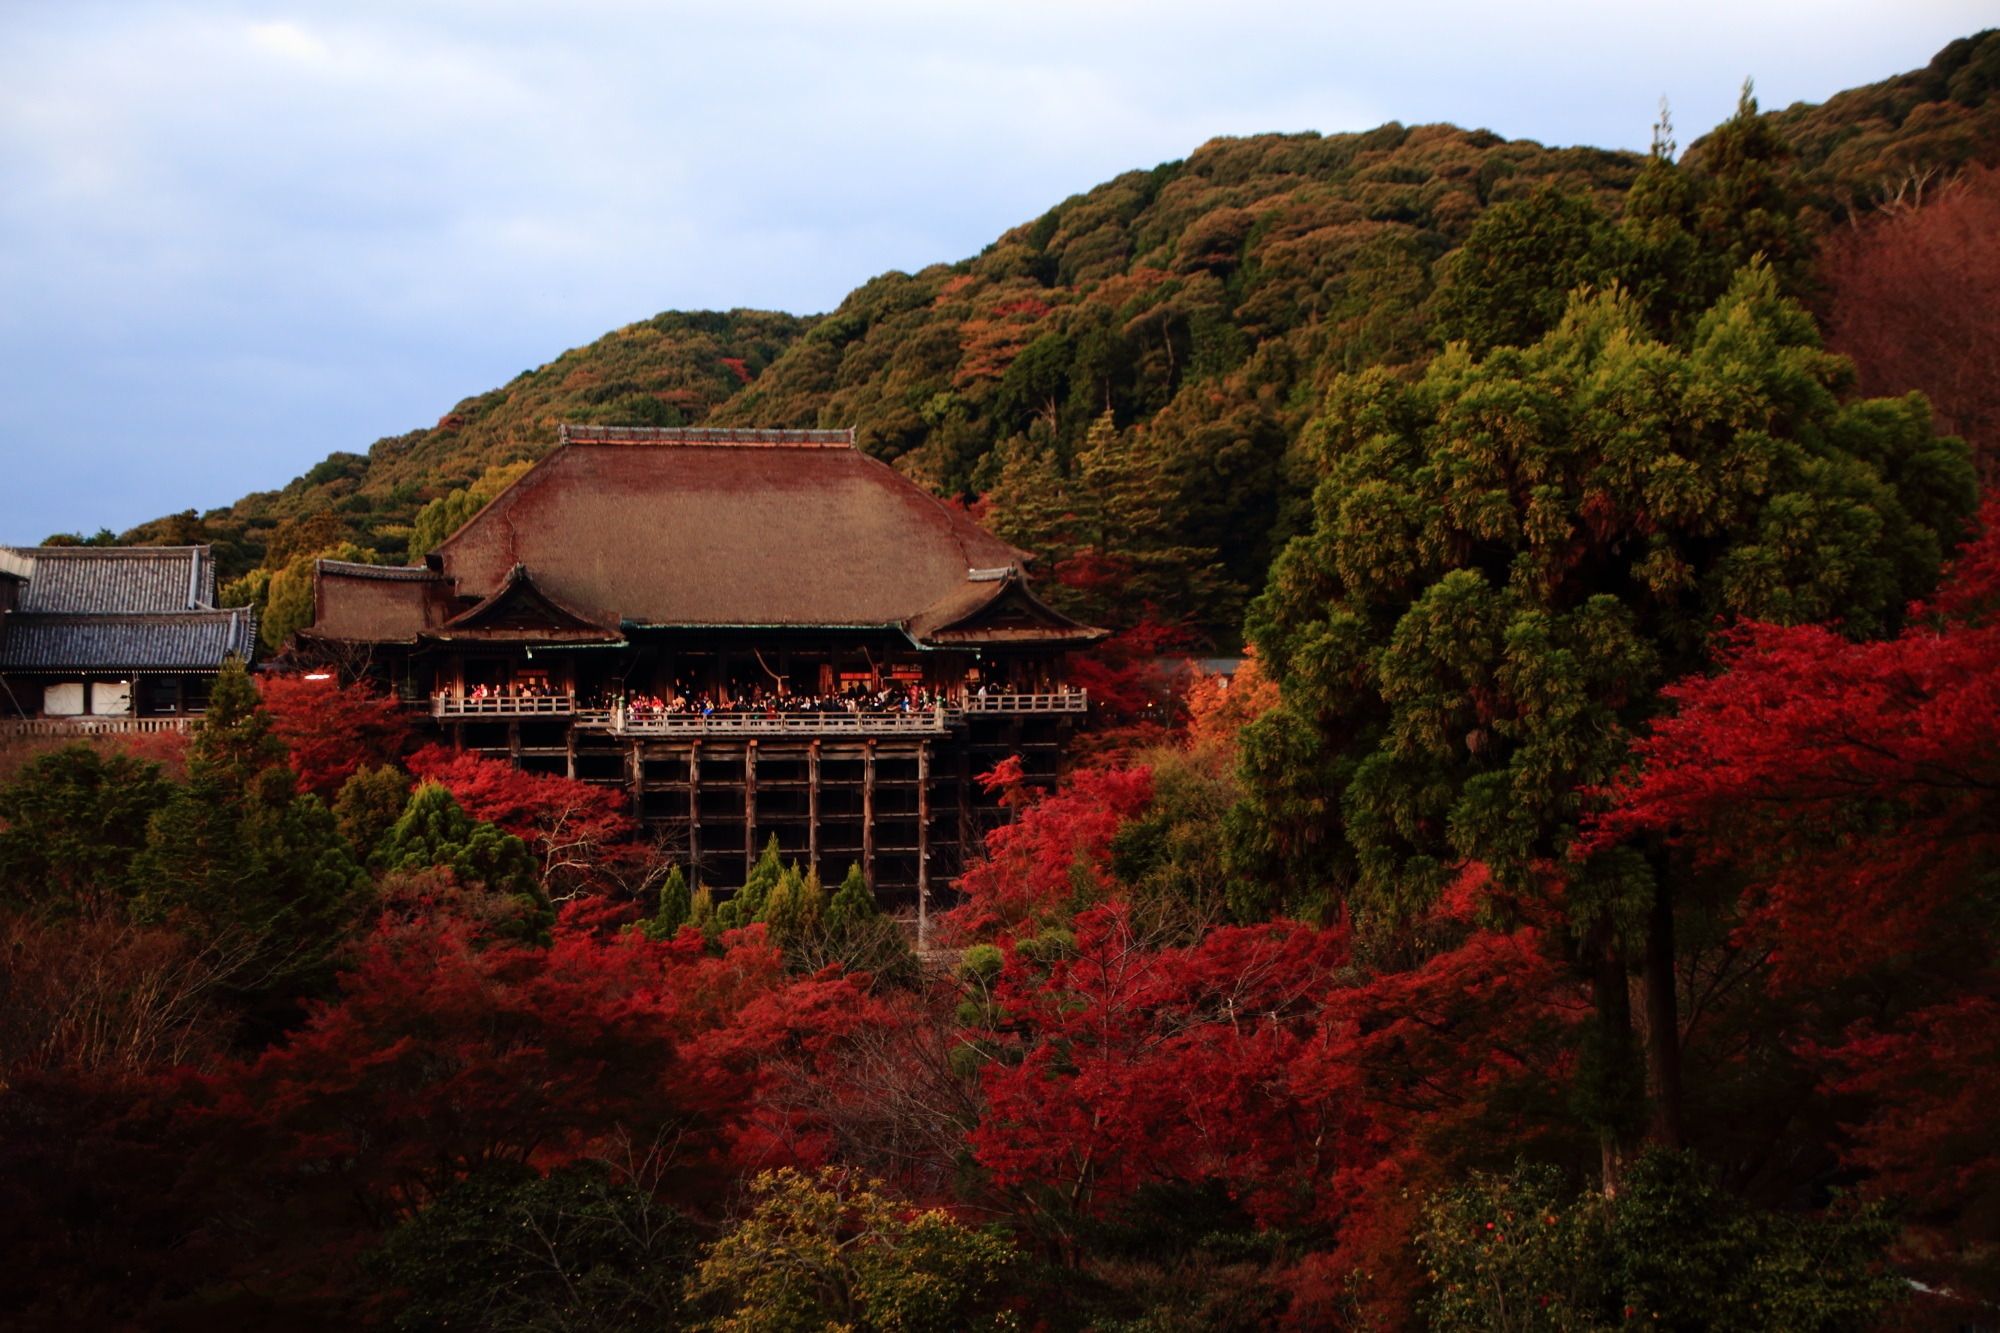 世界遺産の清水寺の清水の舞台と赤い見ごろの紅葉